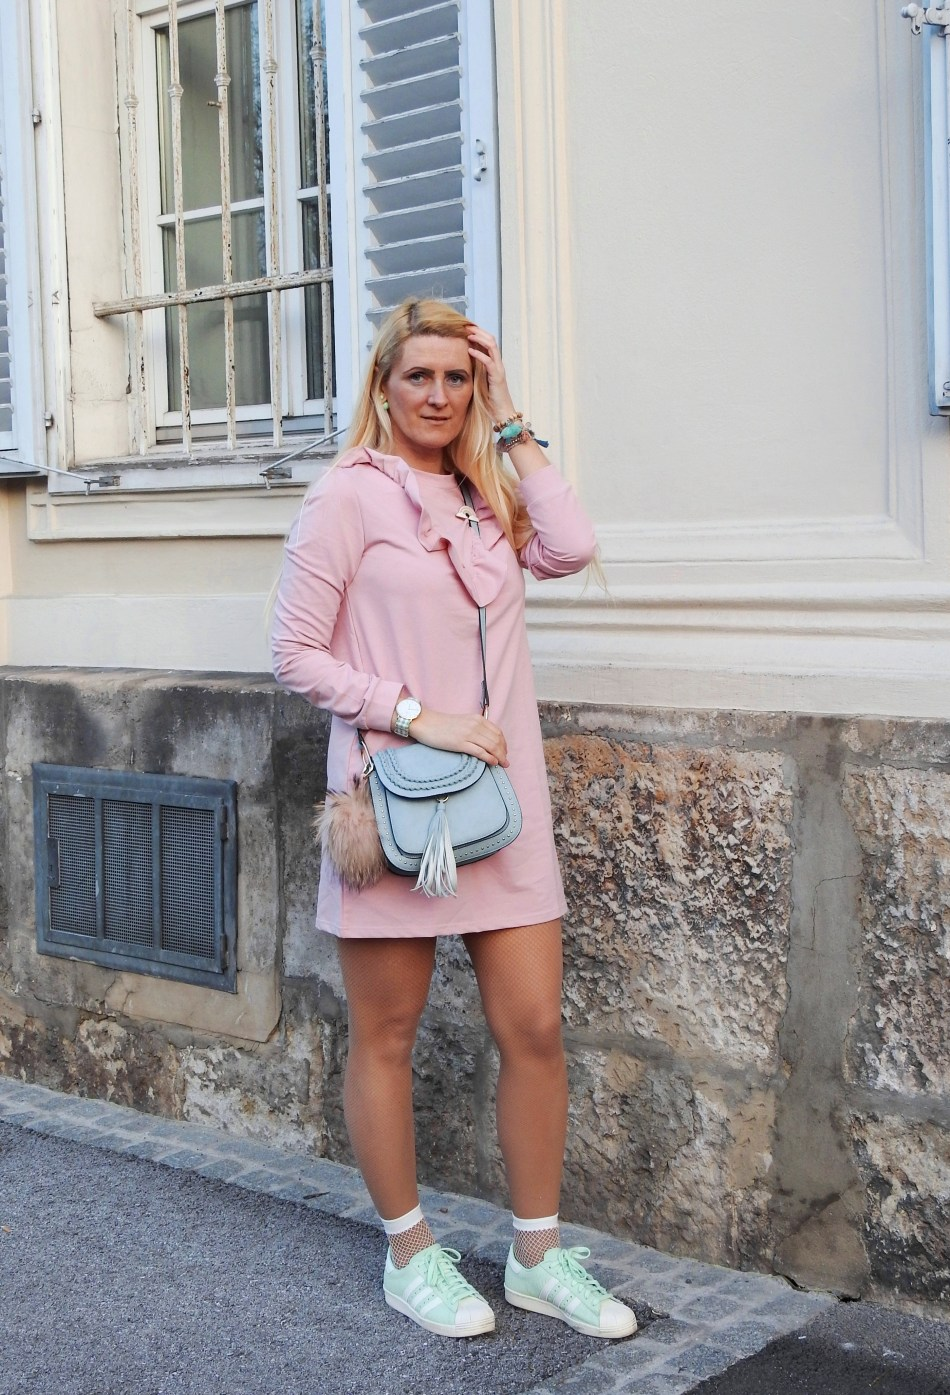 Pastellfarben-Rose-Pink-Dress-Sweatshirtkleid-Chloe-Bag-Sneakers-Adidas-Superstar-Plante-Sports-Spring-Look-carrieslifestyle-Tamara-Prutsch